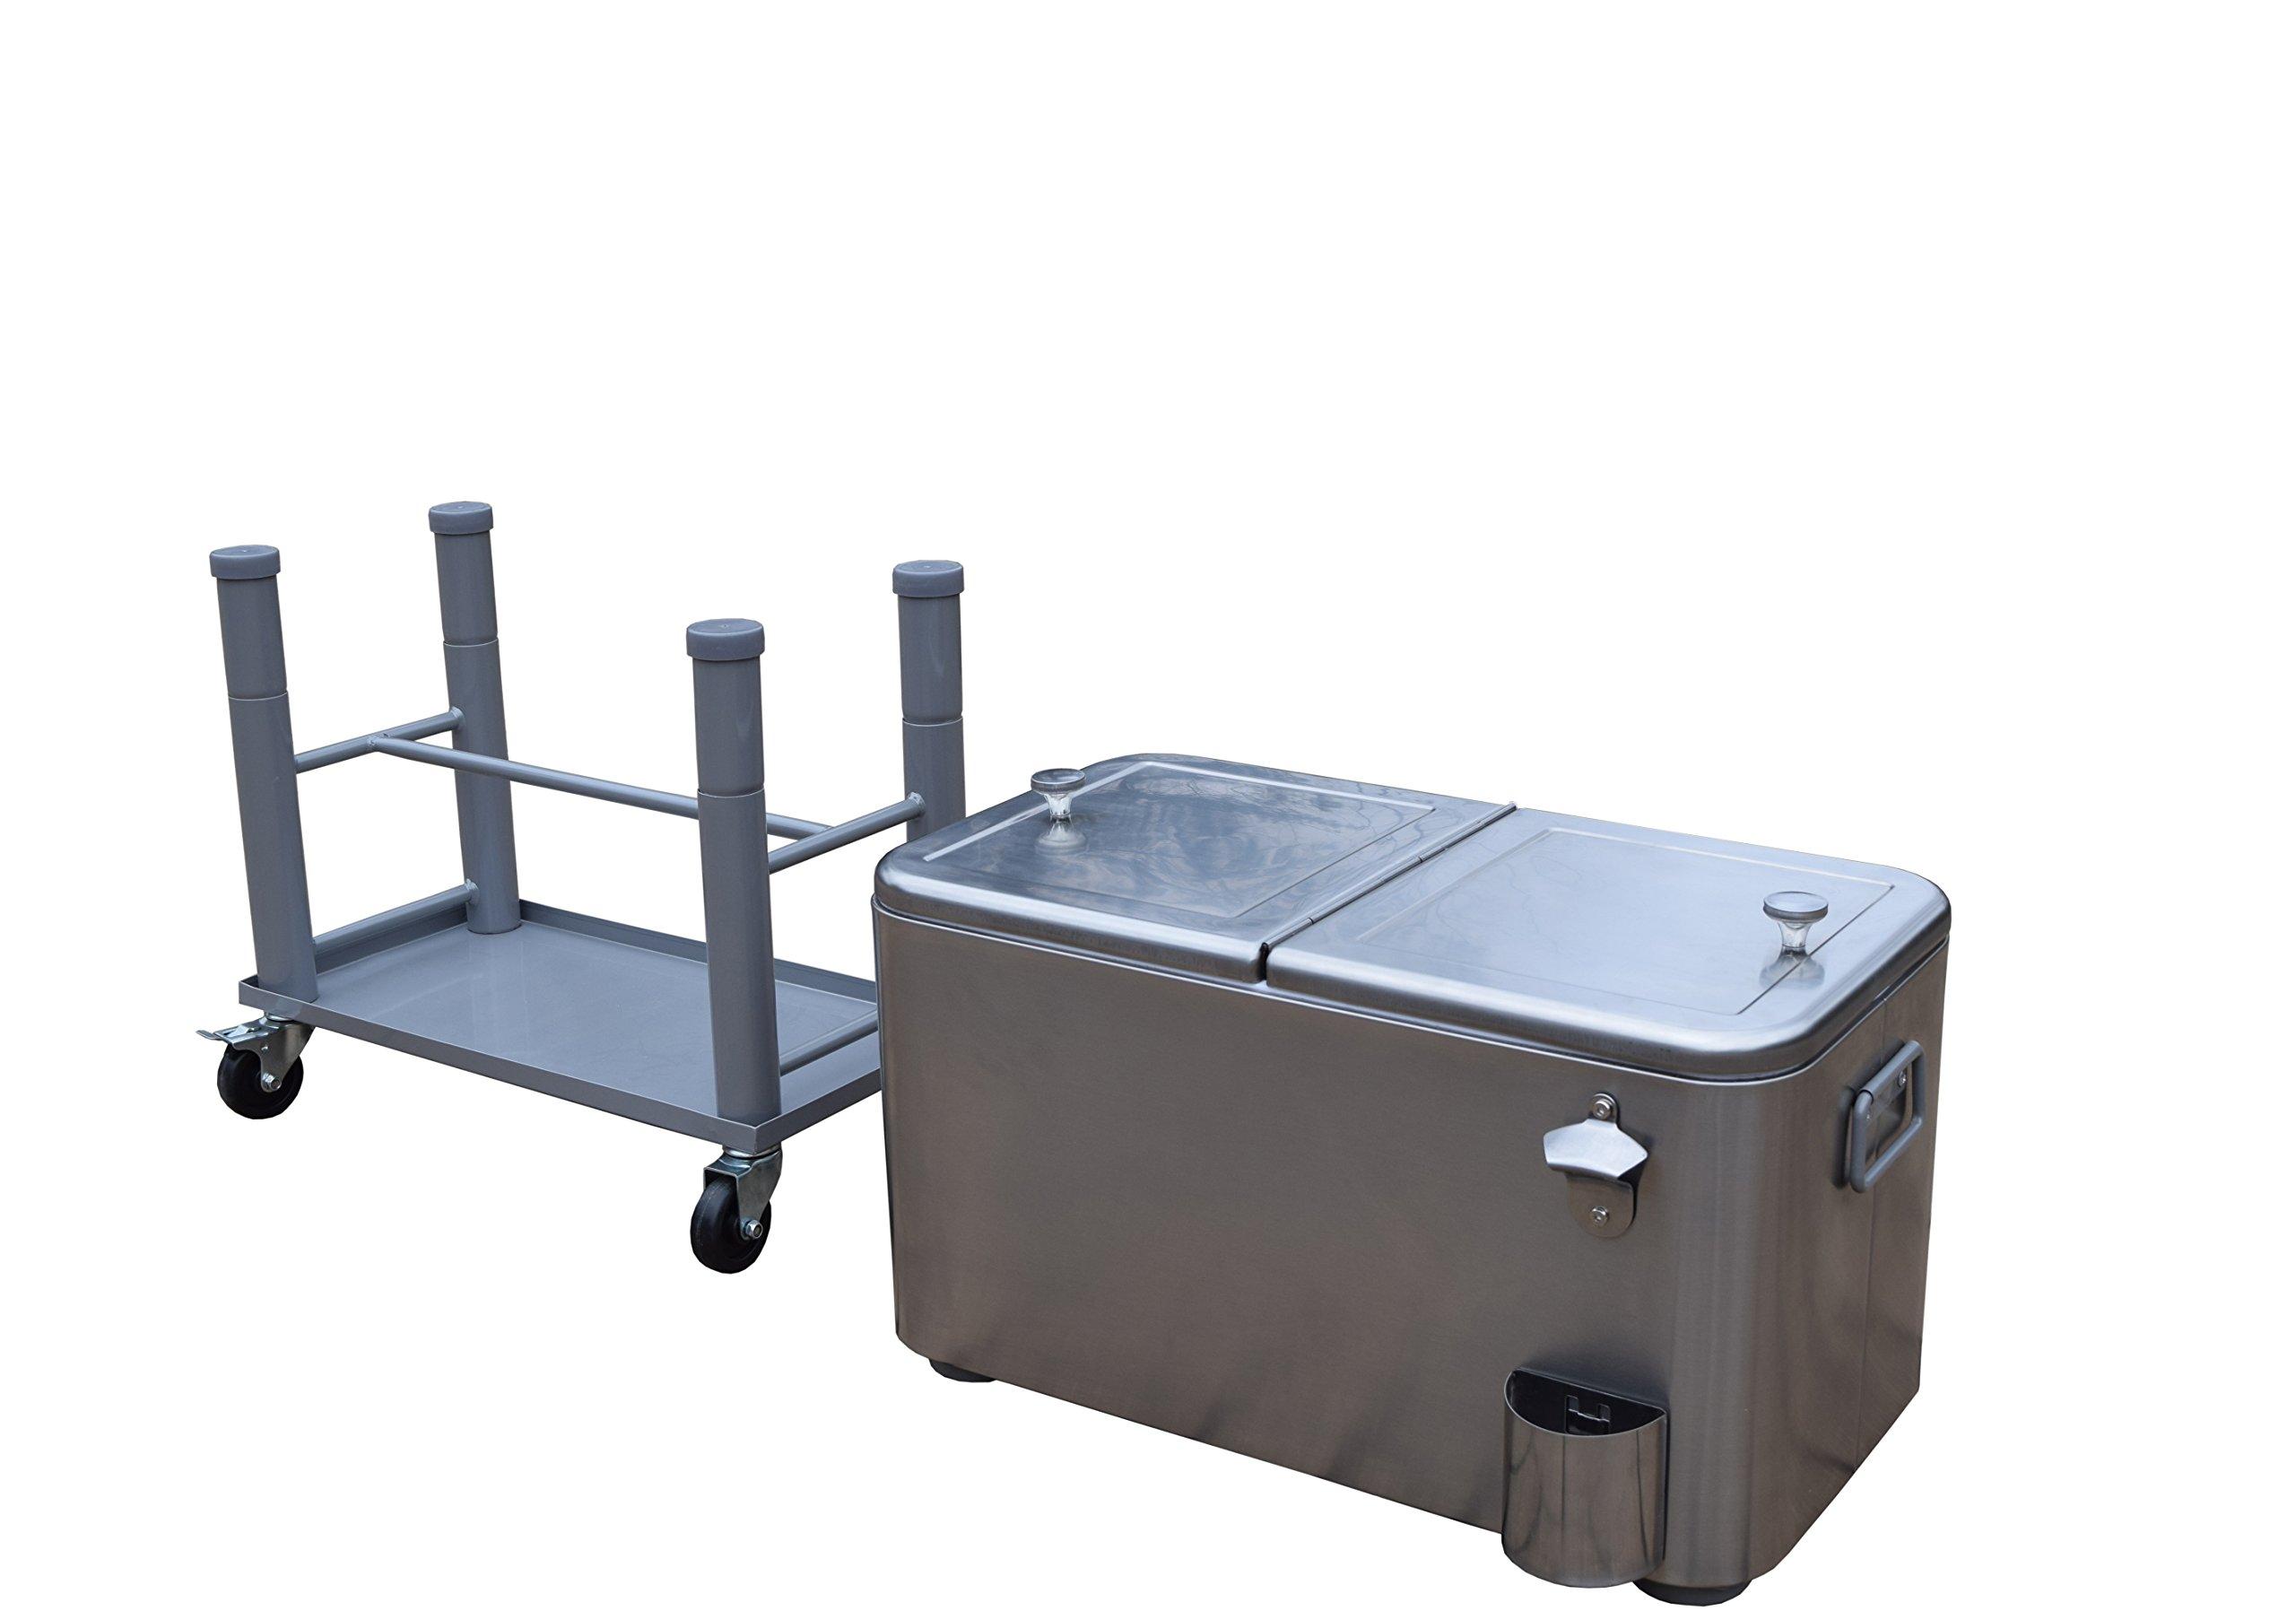 Oakland Living AZ91009-80-SS Stainless Steel 20 Gallon Cooler Cart Outdoor Wheels, Medium